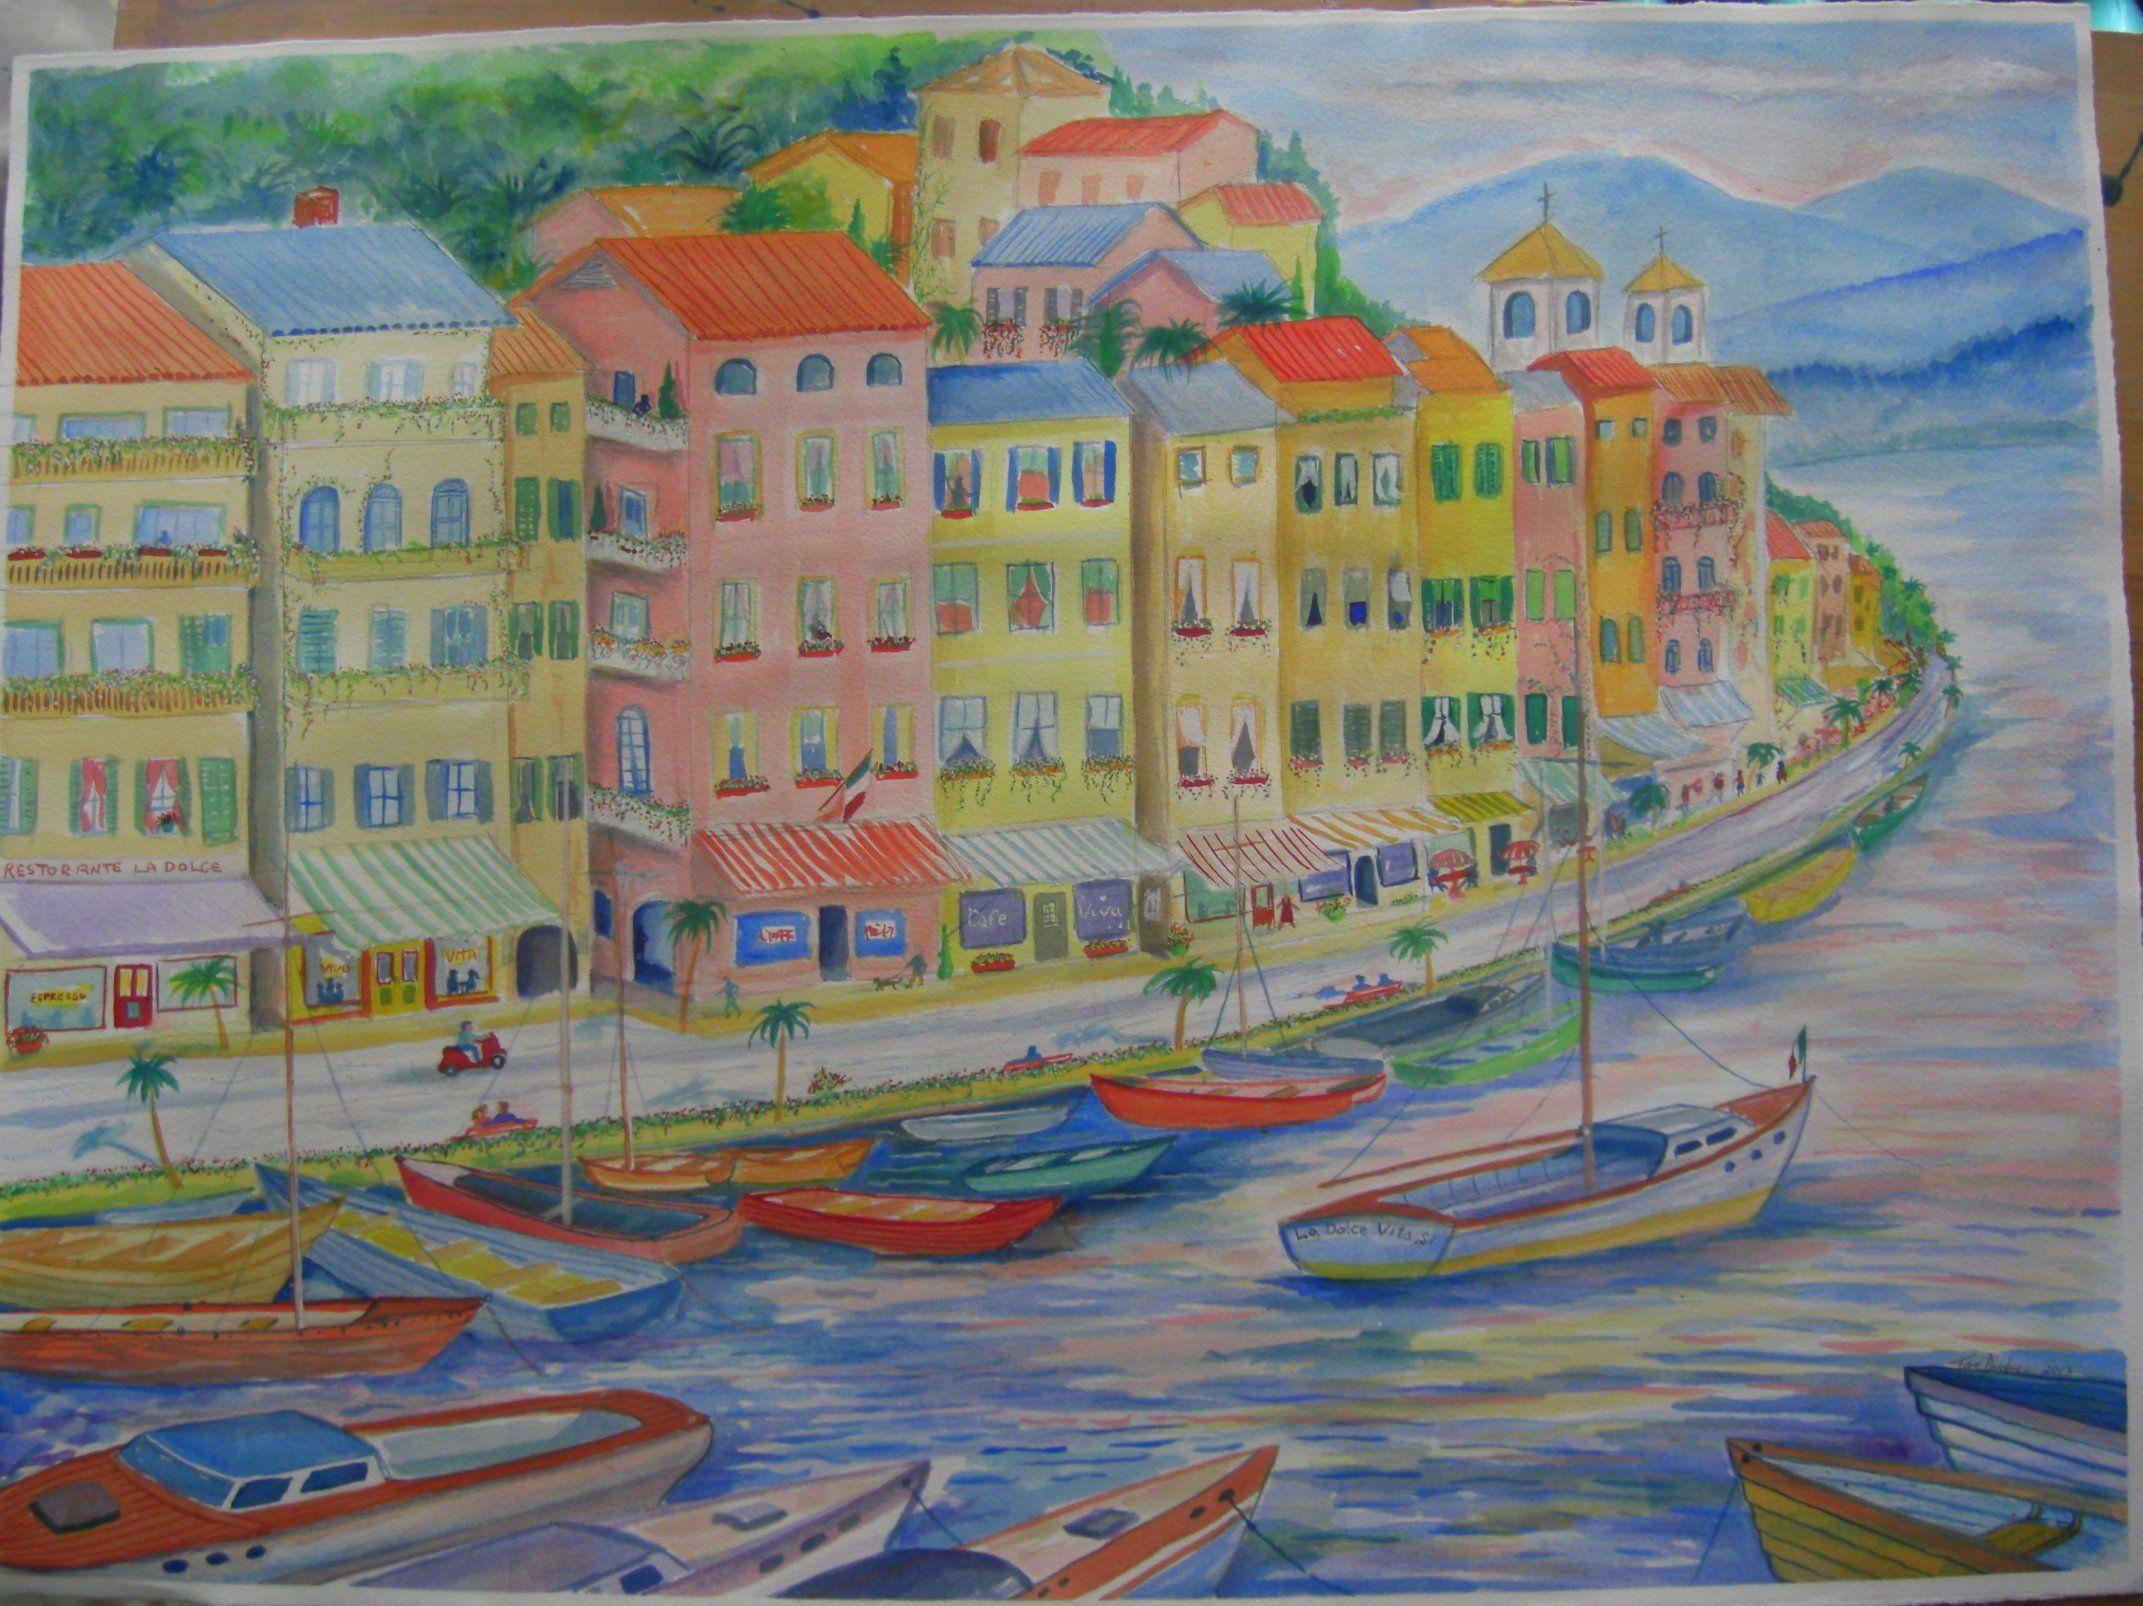 Italian Seaside Village. watercolor, 29x21, july 27, 2013.